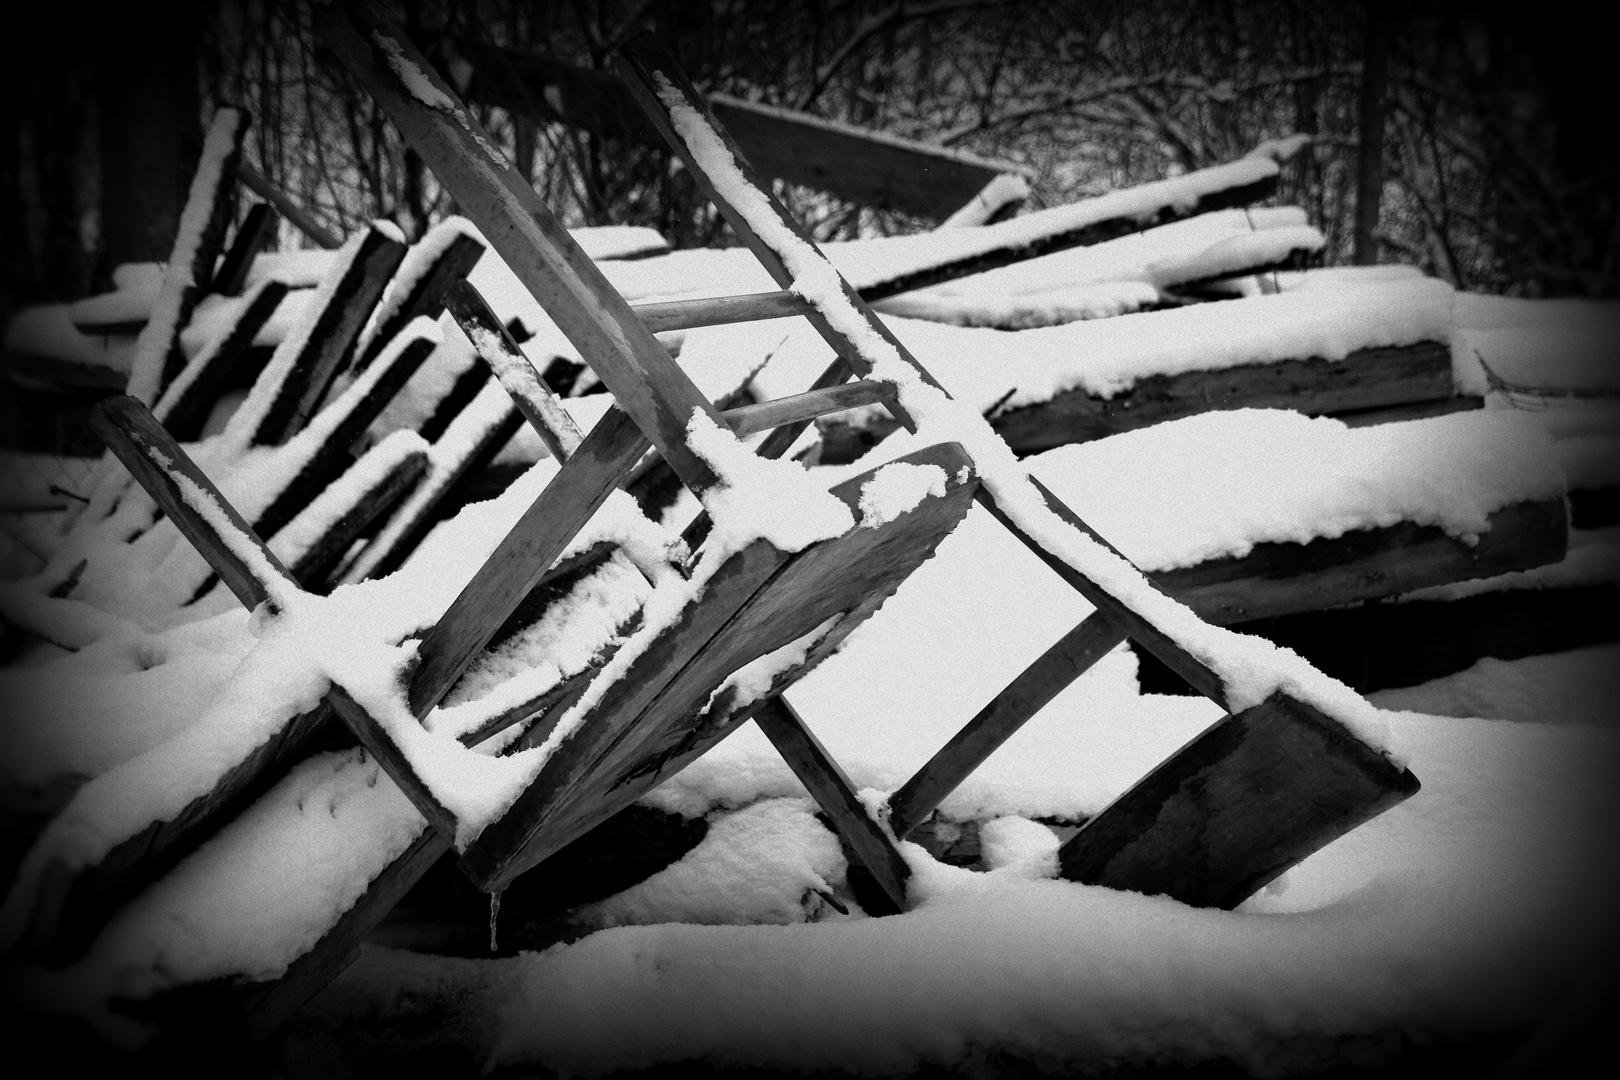 es gibt aber nur noch Schnee-, entschuldigung Stehplätze...